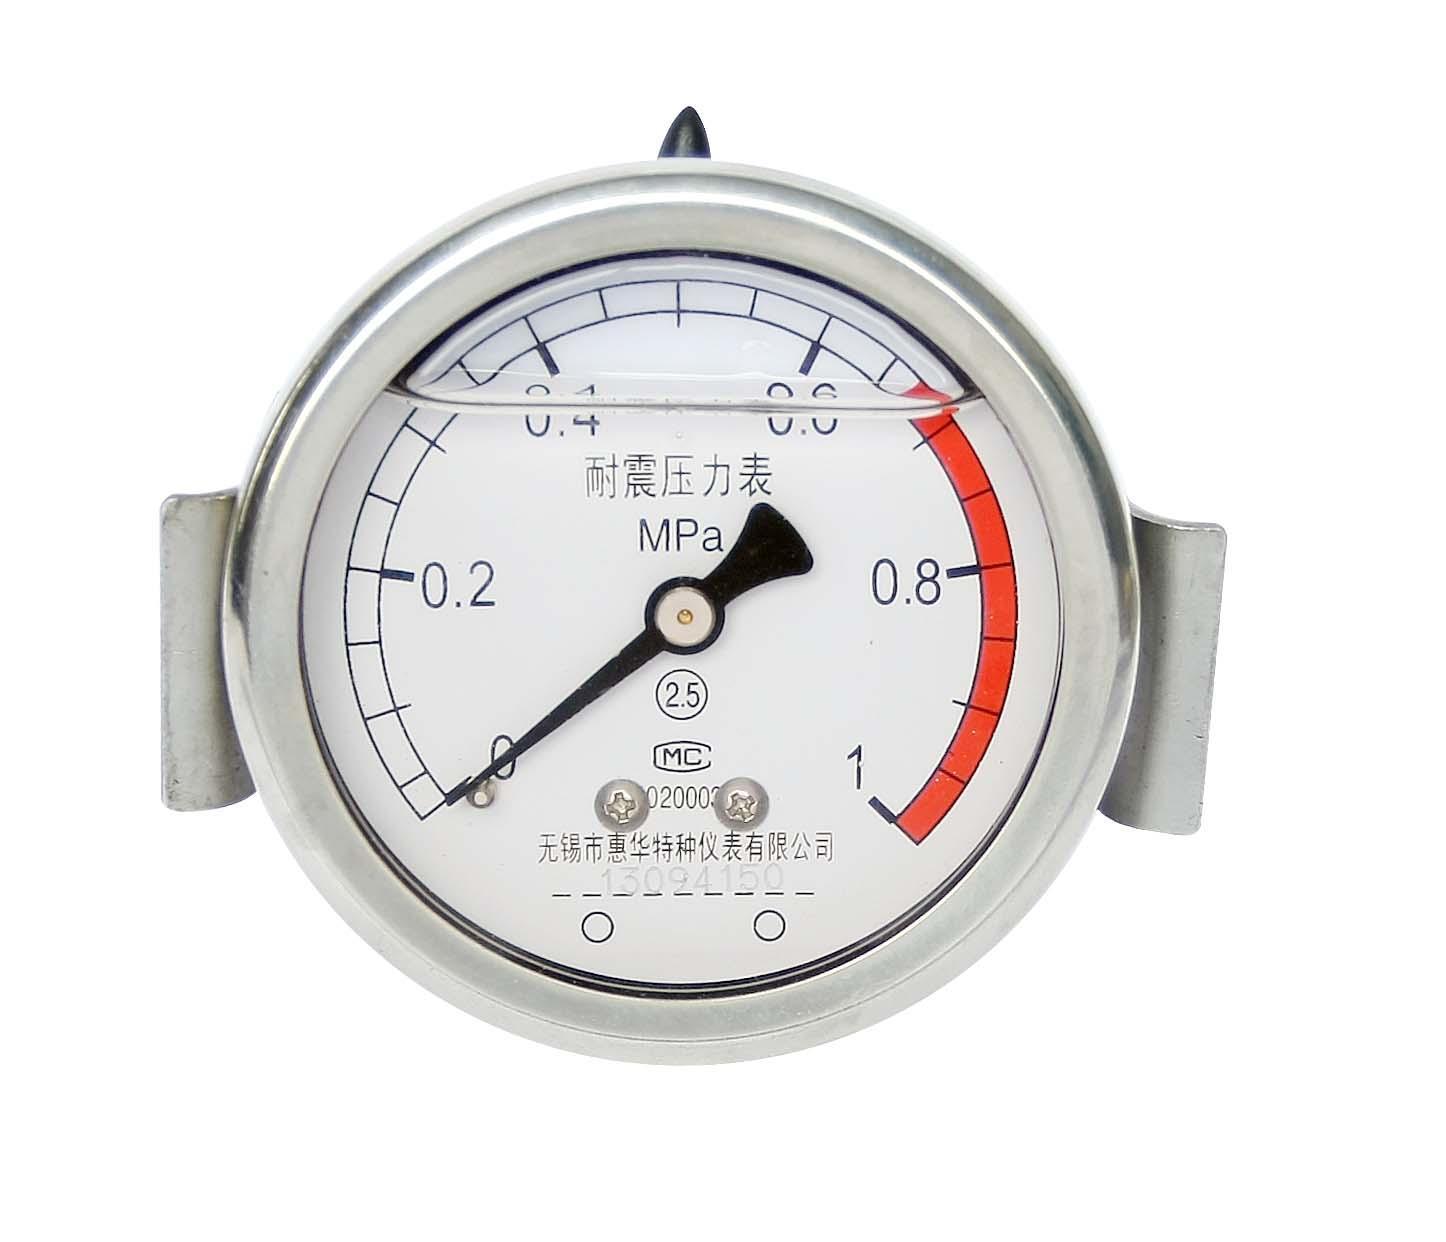 耐震壓力表 抗震壓力表 防震壓力表 充油壓力表 8